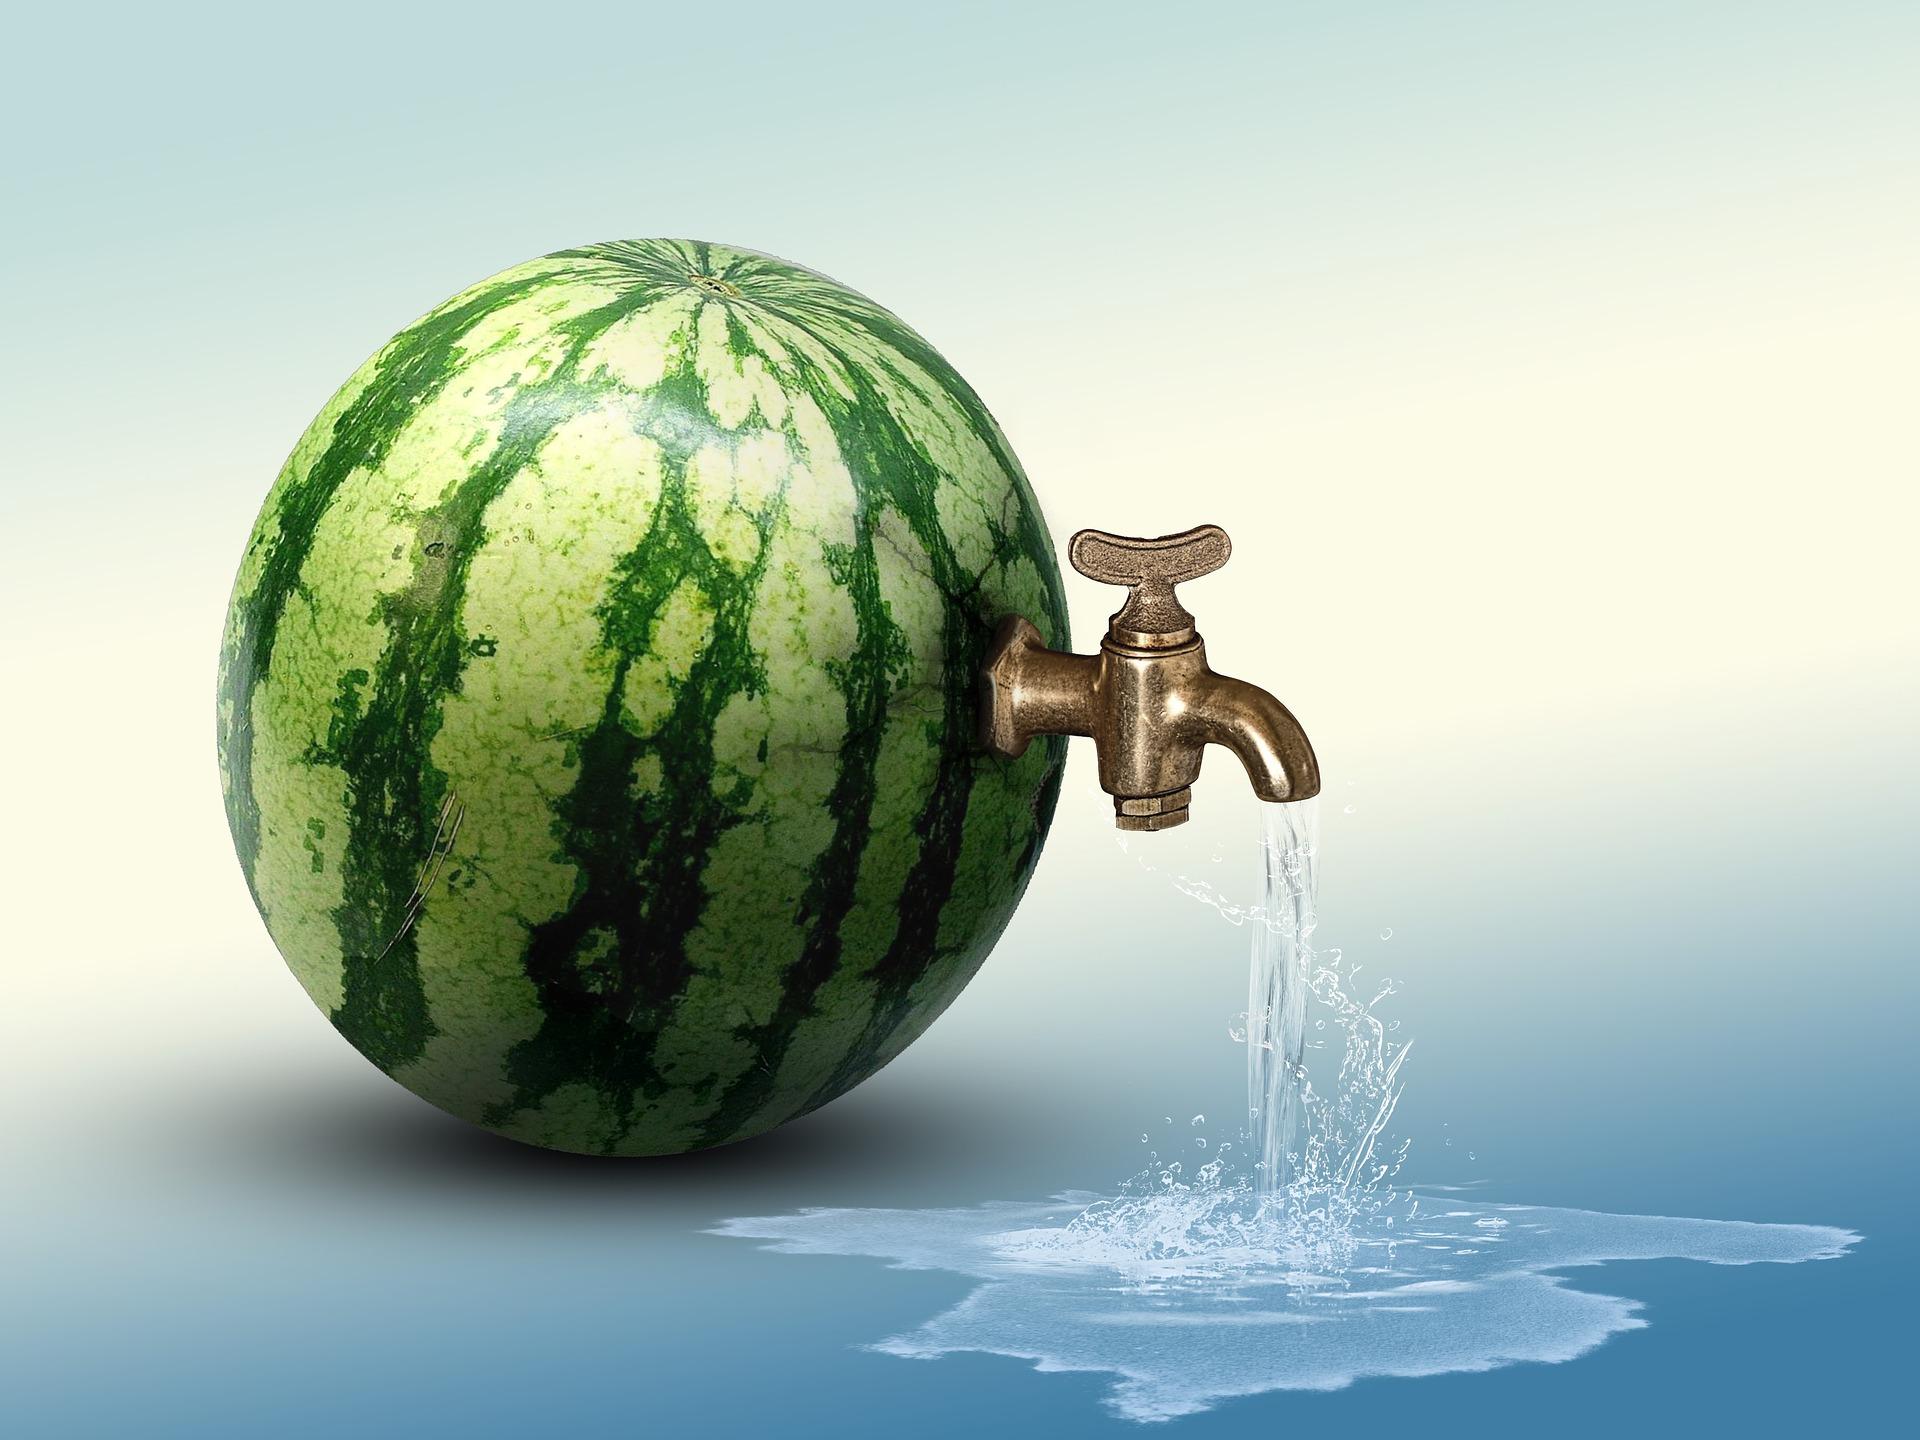 watermelon-3469415_1920jpg